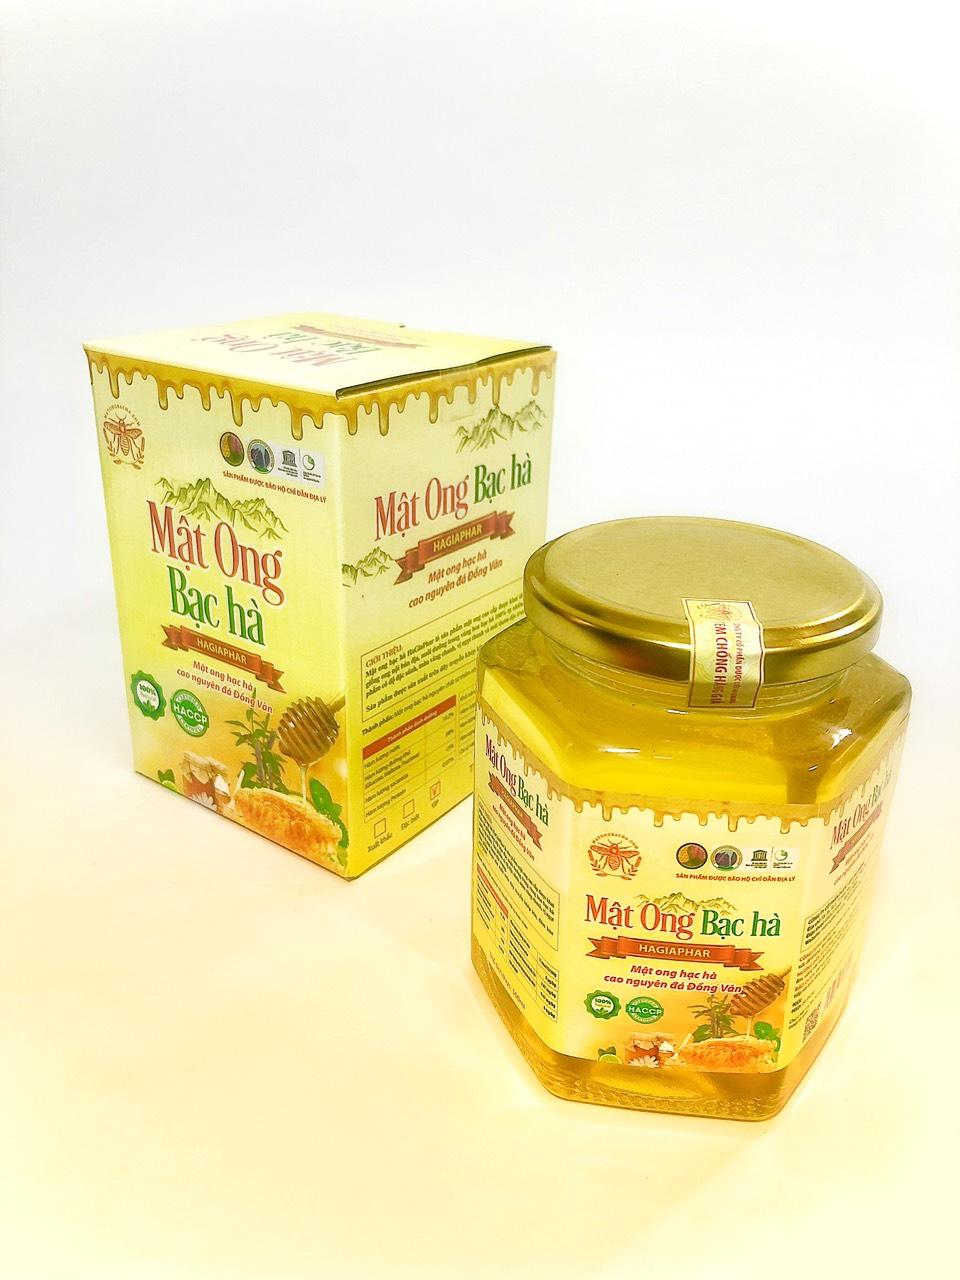 Địa chỉ bán mật ong bạc hà ở thành phố Hồ Chí Minh